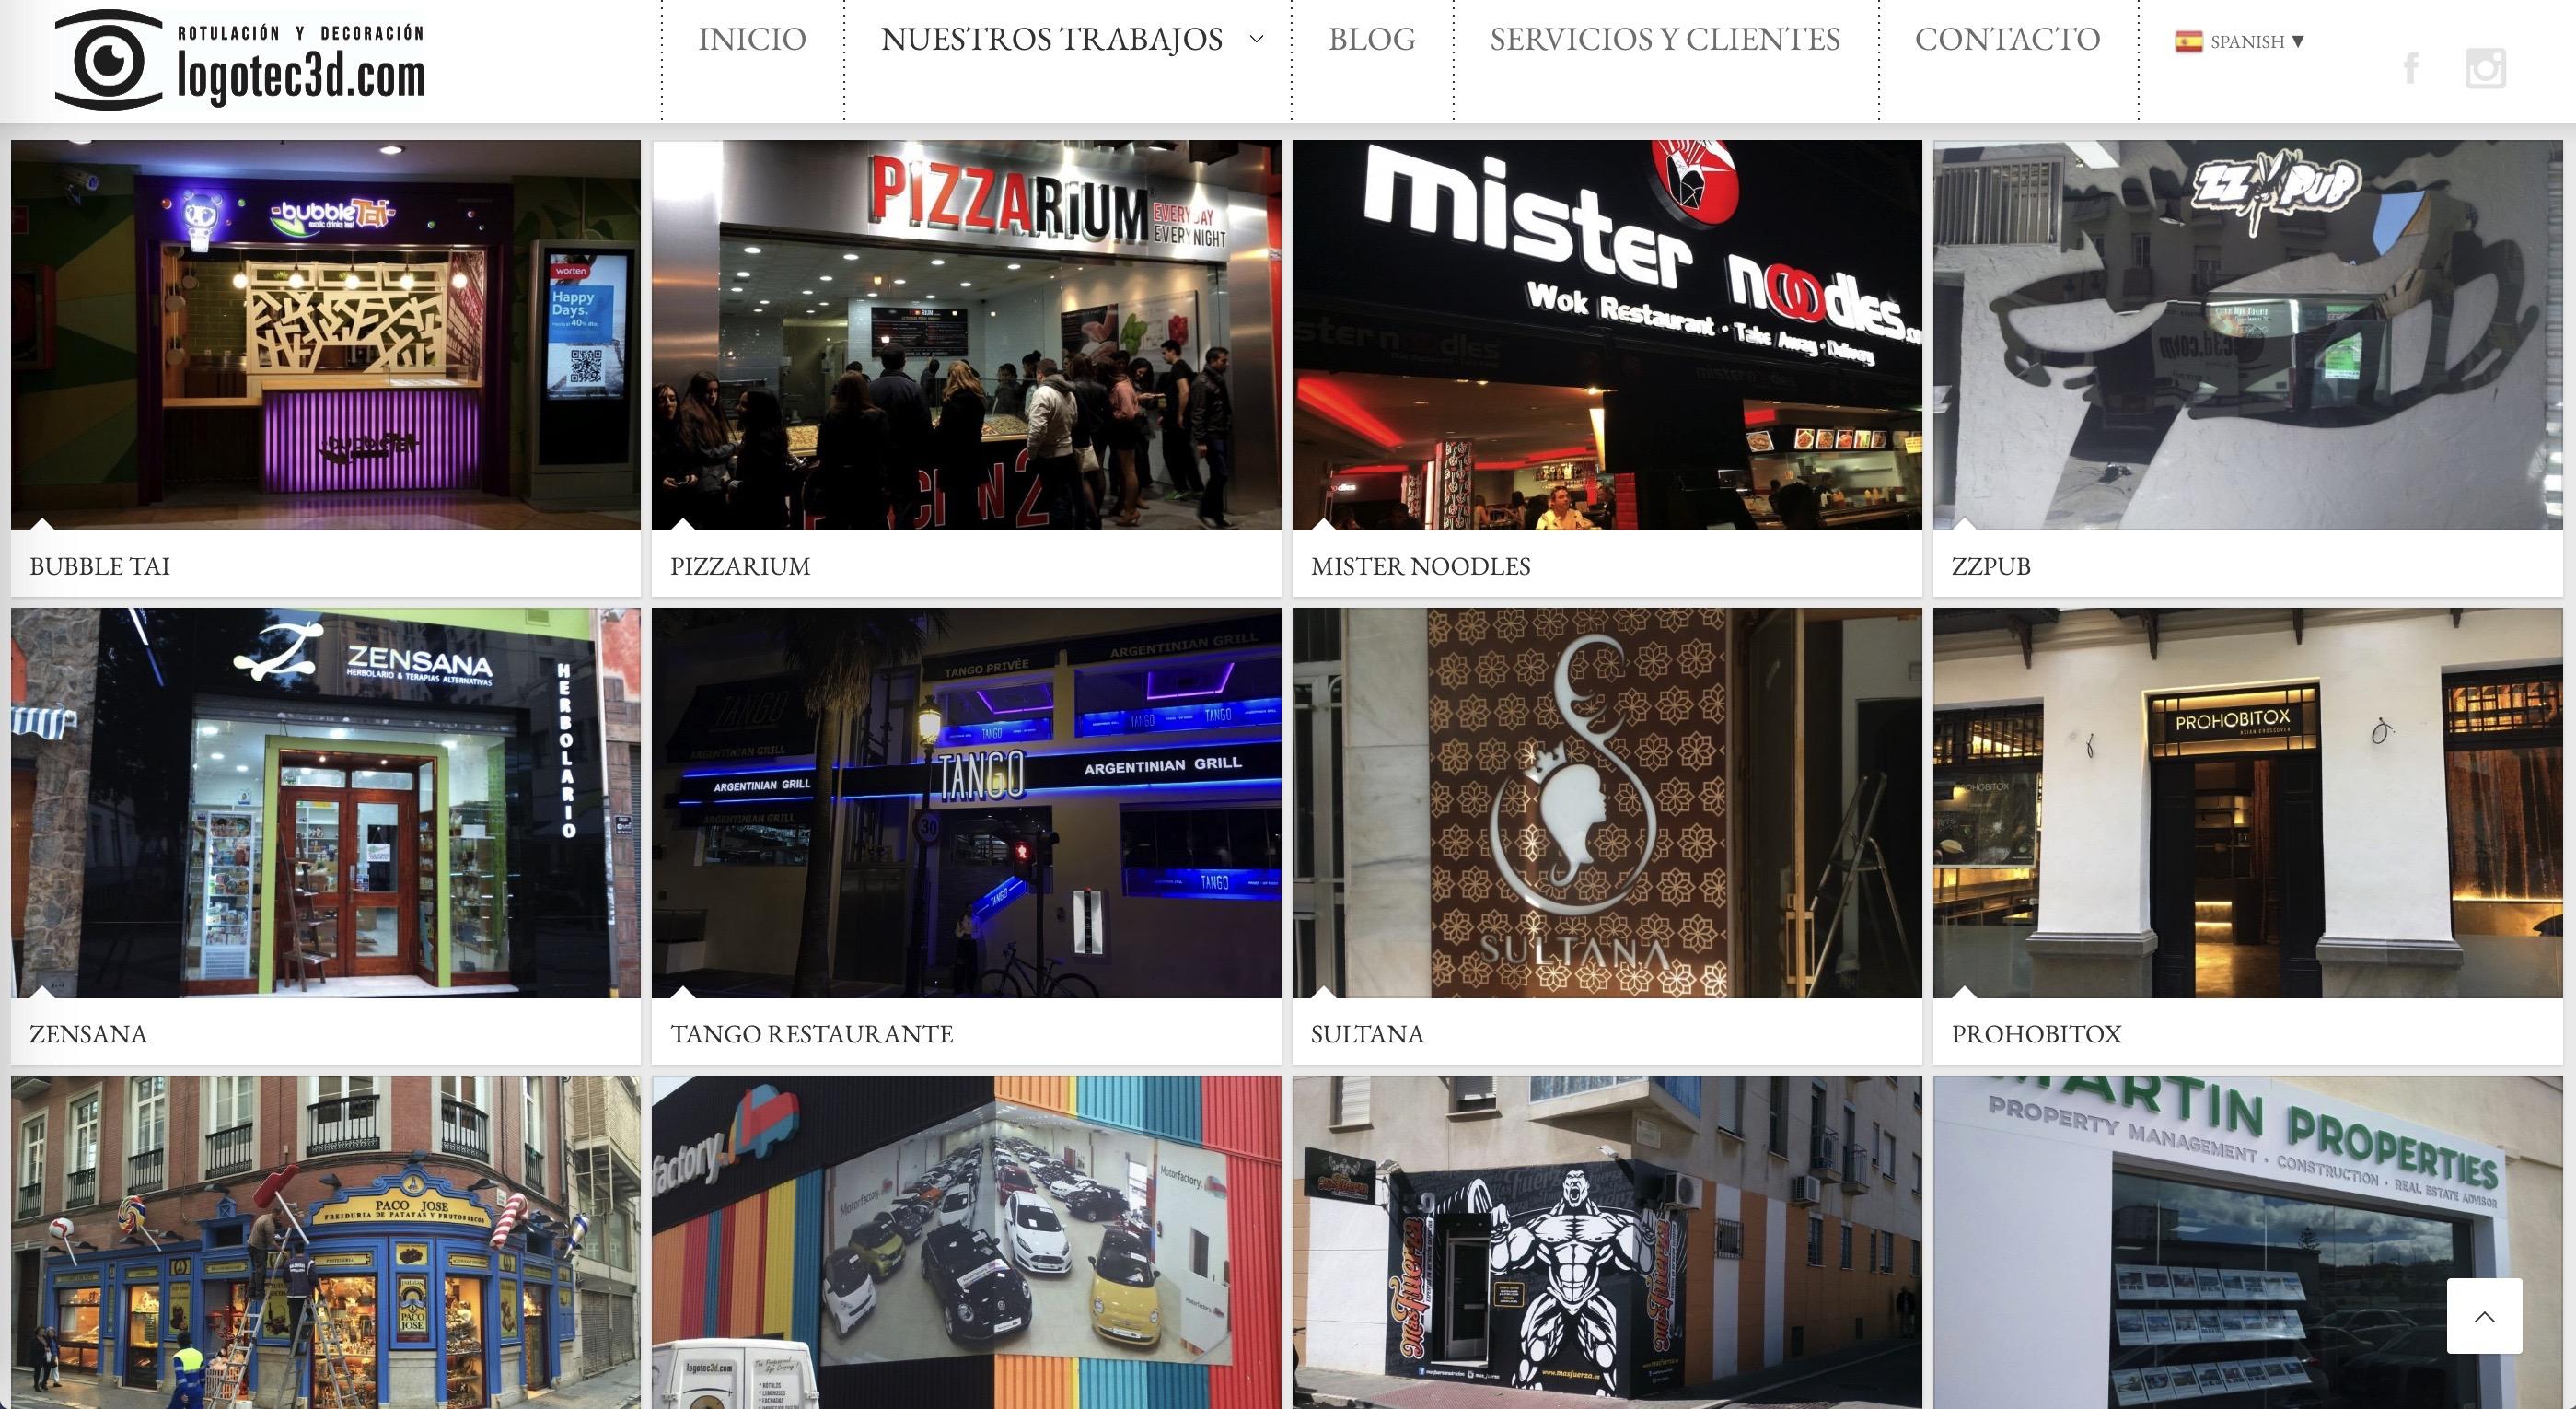 Logotec 3d Diseño web y SEO